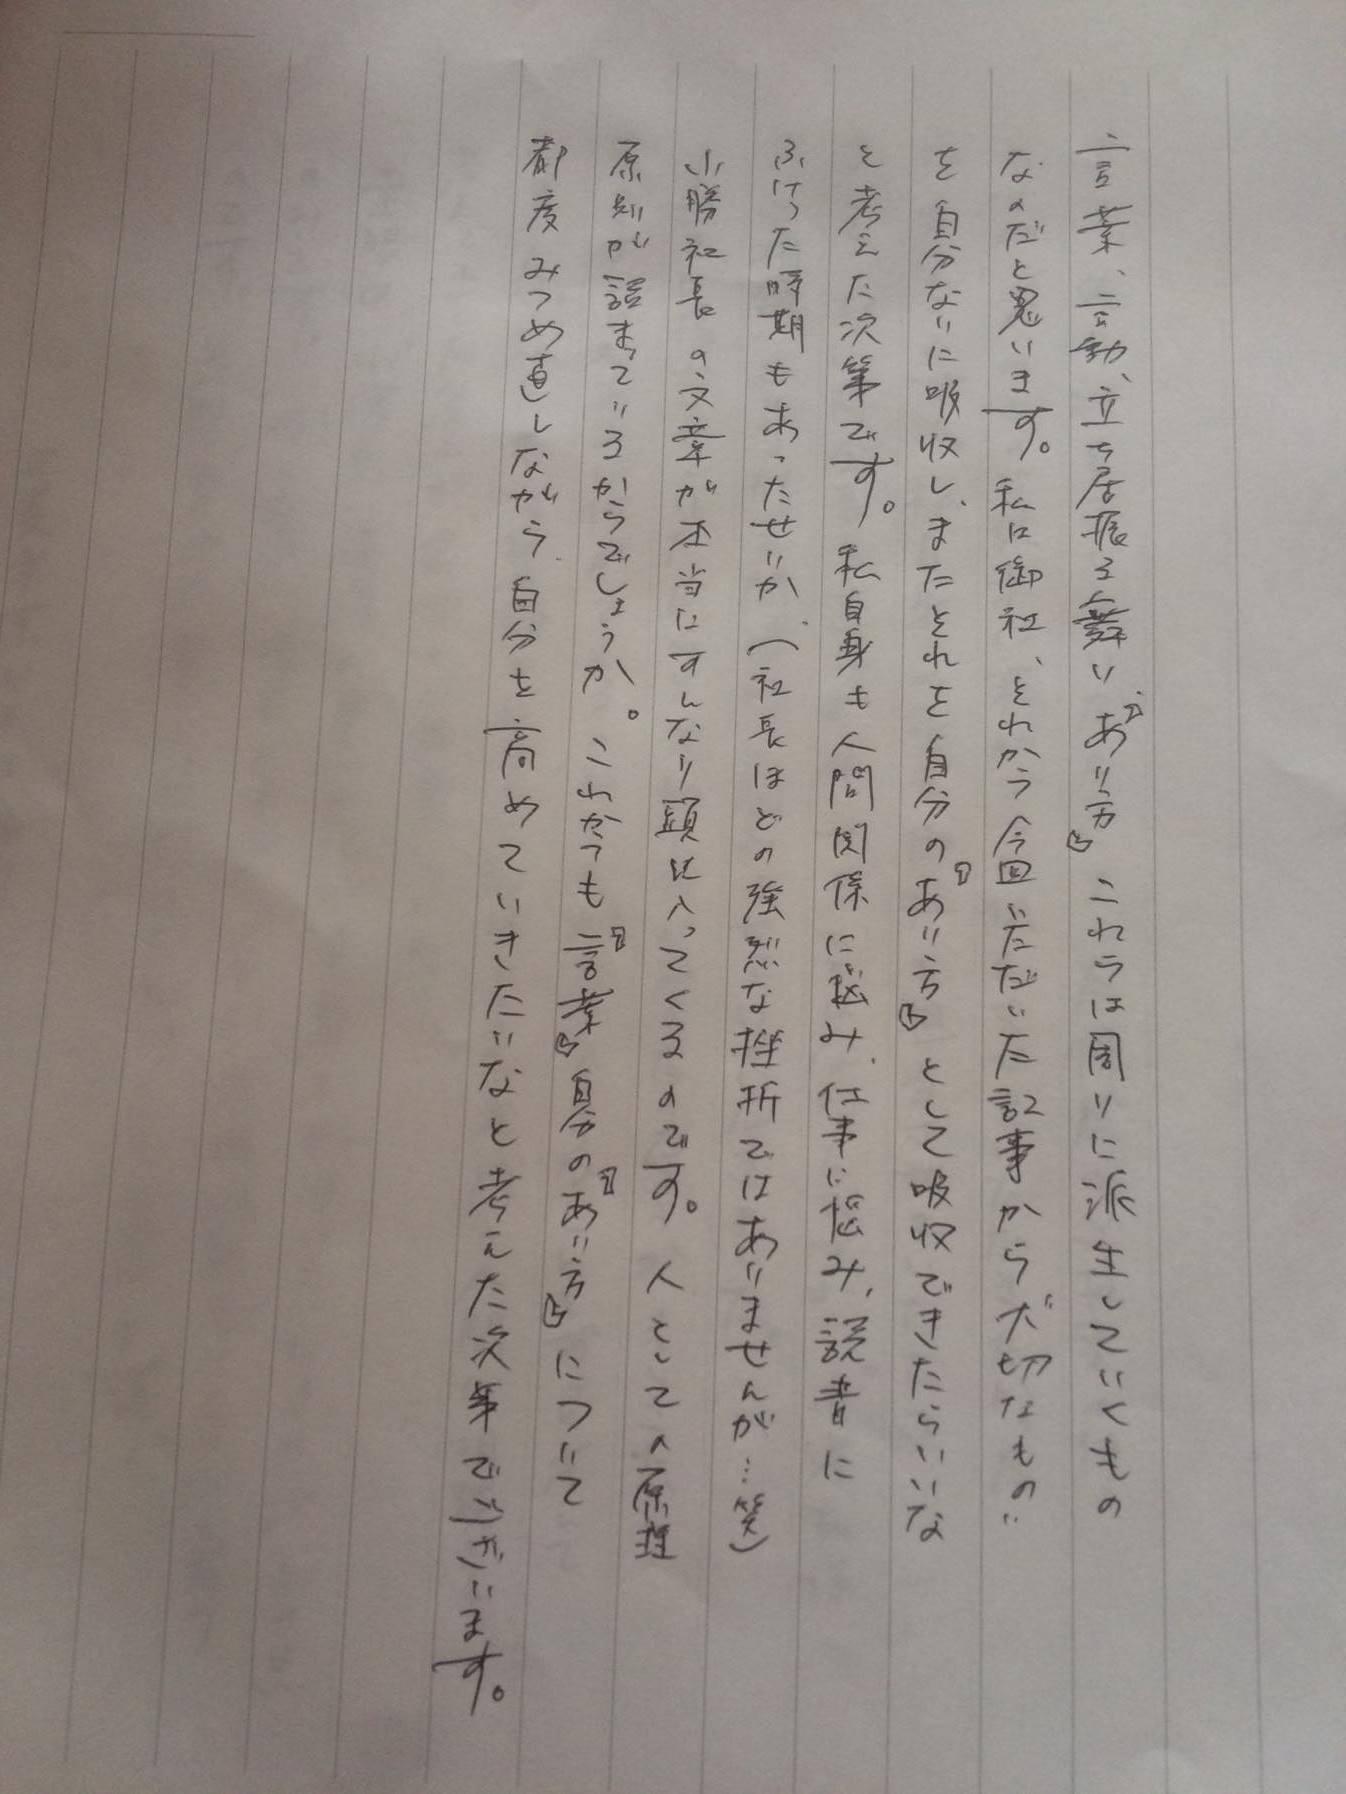 メインバンクからのラブレター②